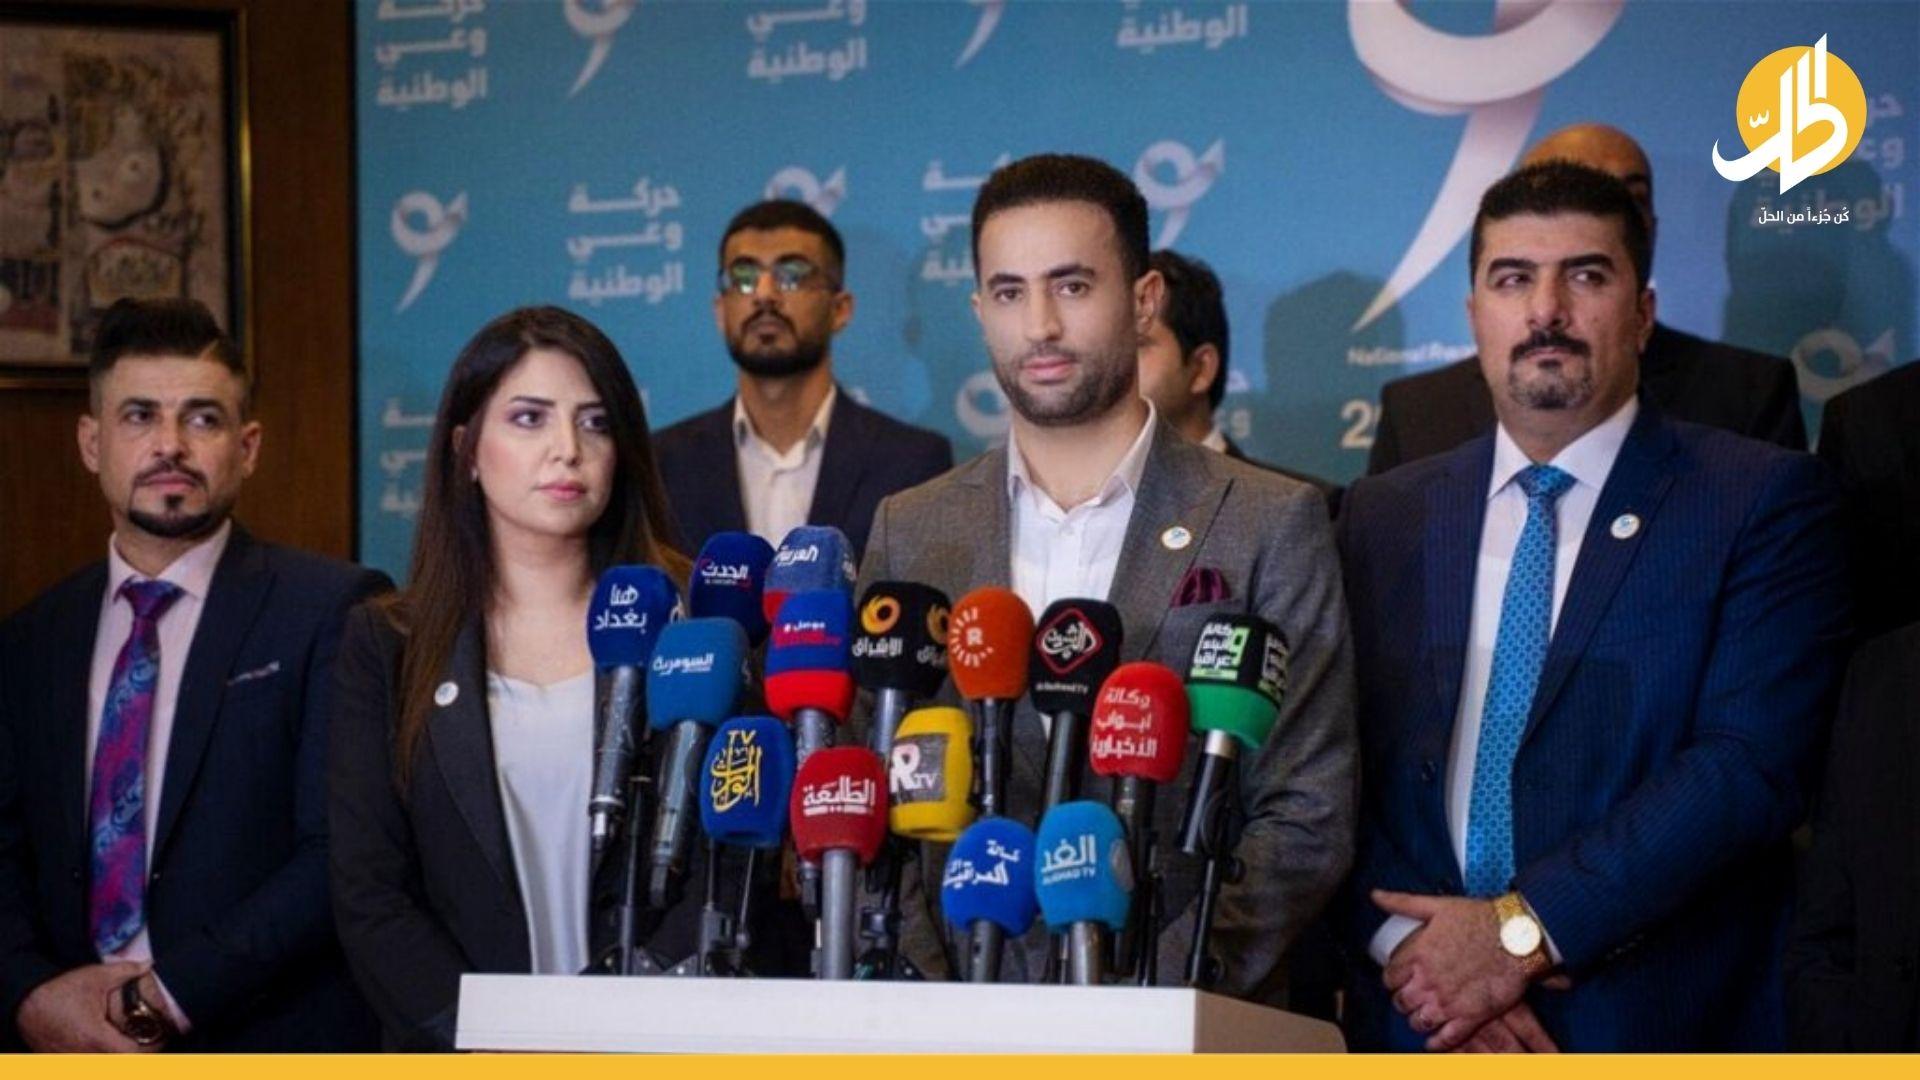 """حركة وعي العراقية تحت المجهر.. ما علاقتها بالاطلاعات الإيرانية وعائلة """"الخوئي""""؟"""